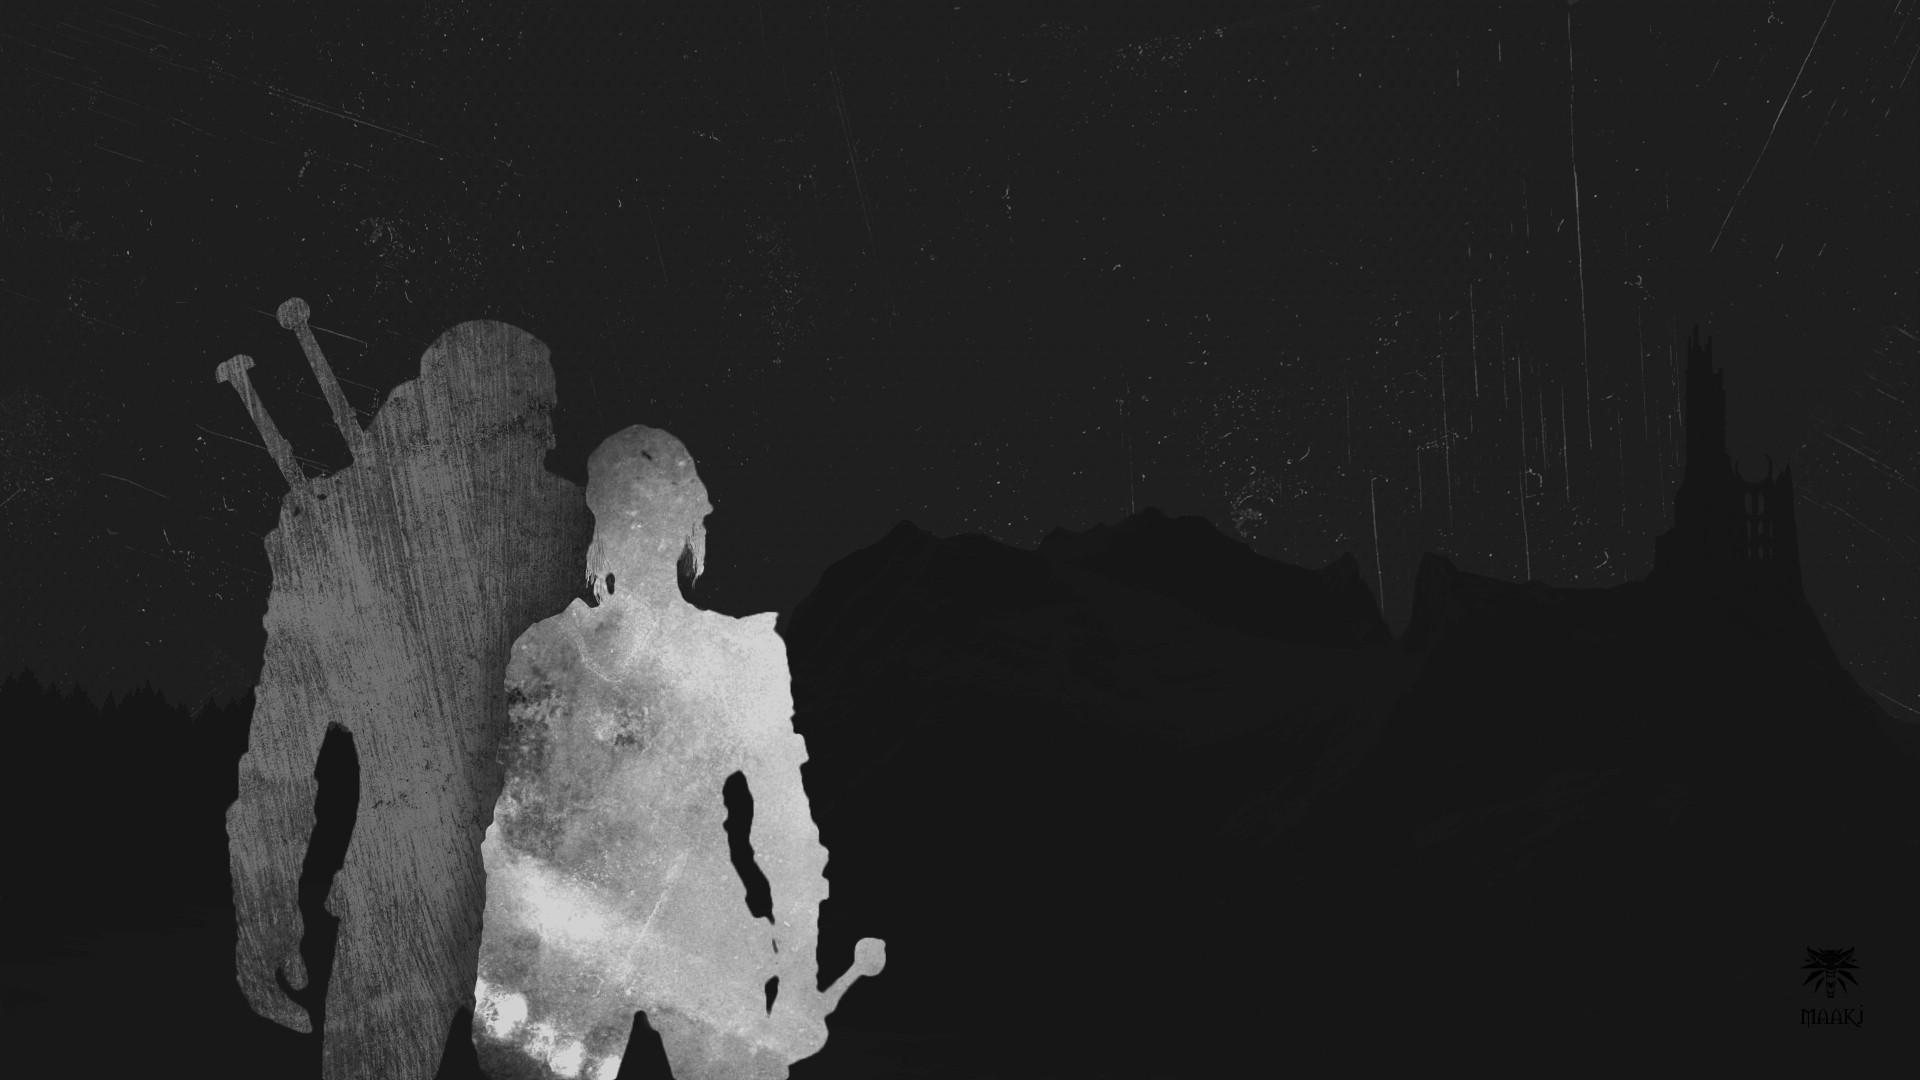 Wallpaper Video Games The Witcher Cirilla Fiona Elen Riannon